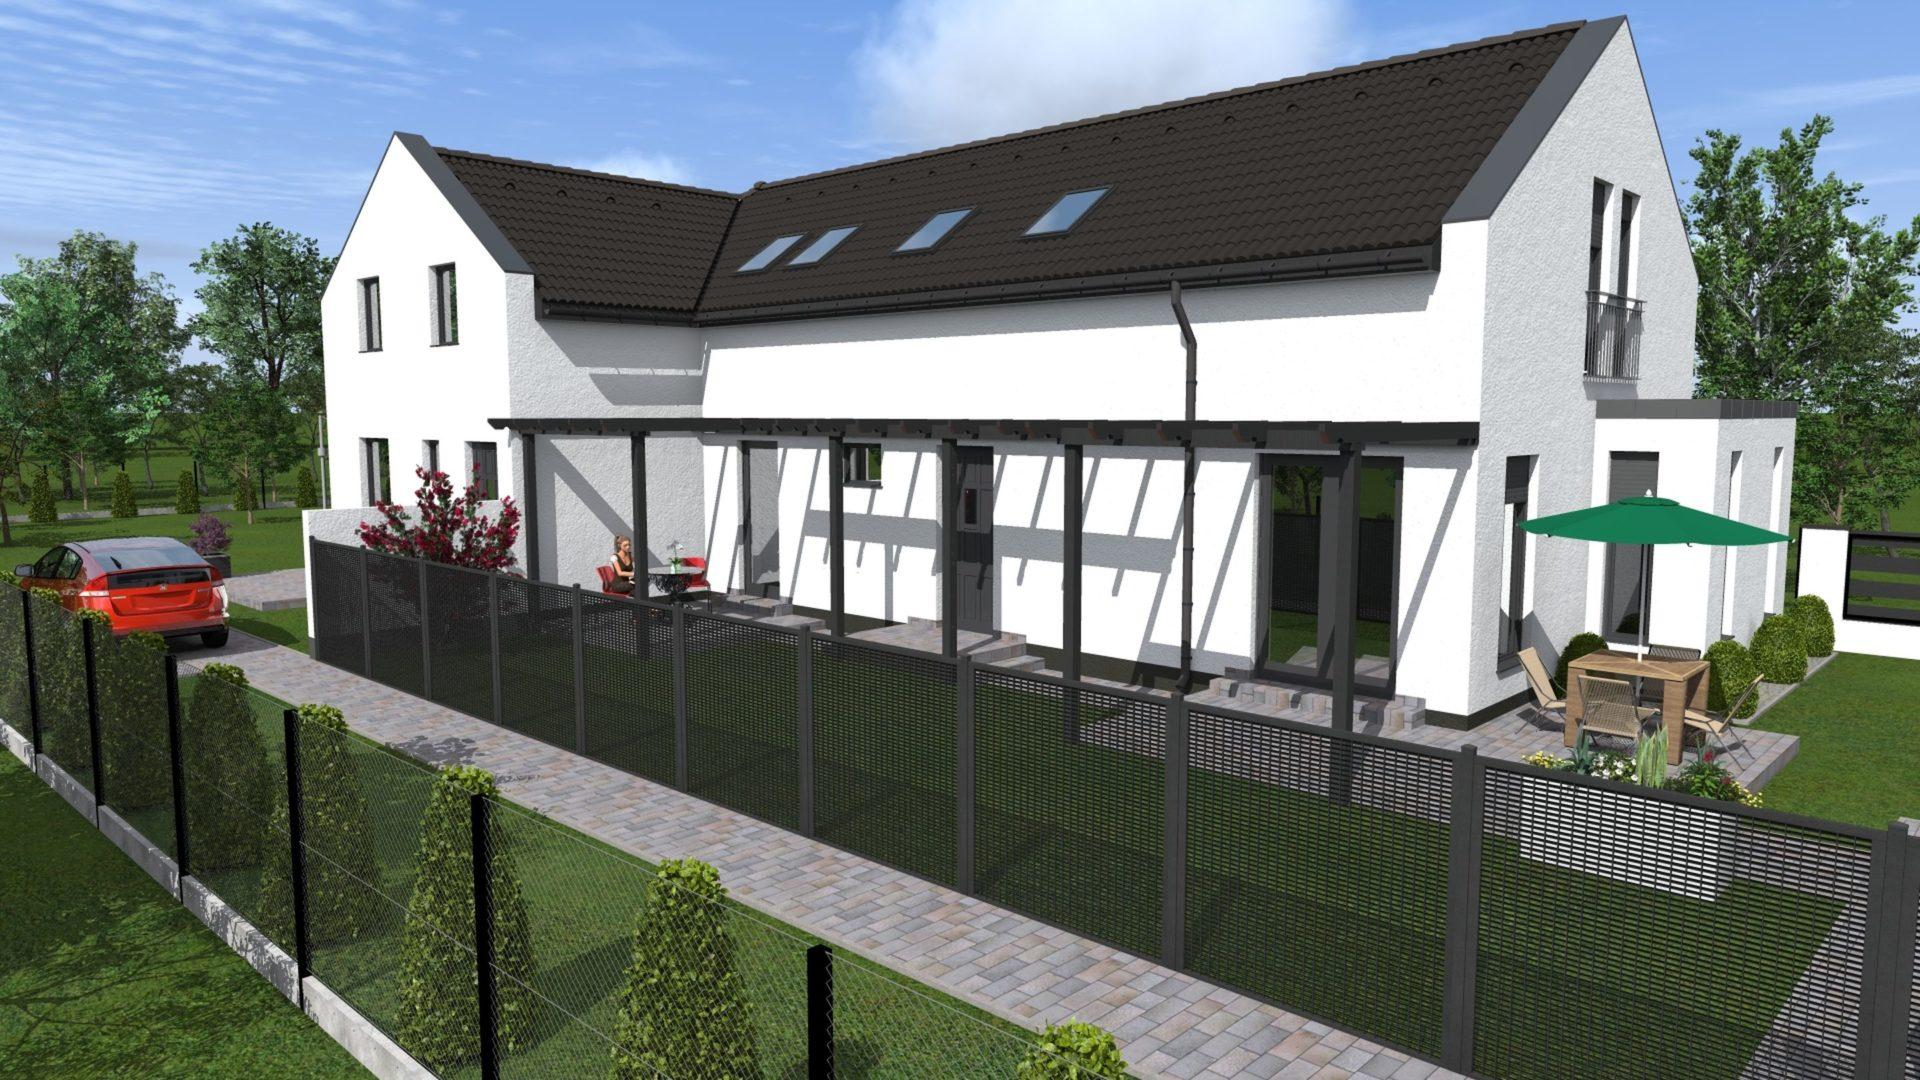 Cinkotán, családias környezetben eladó egy új építésű, belső kétszintes ikerházi lakás!